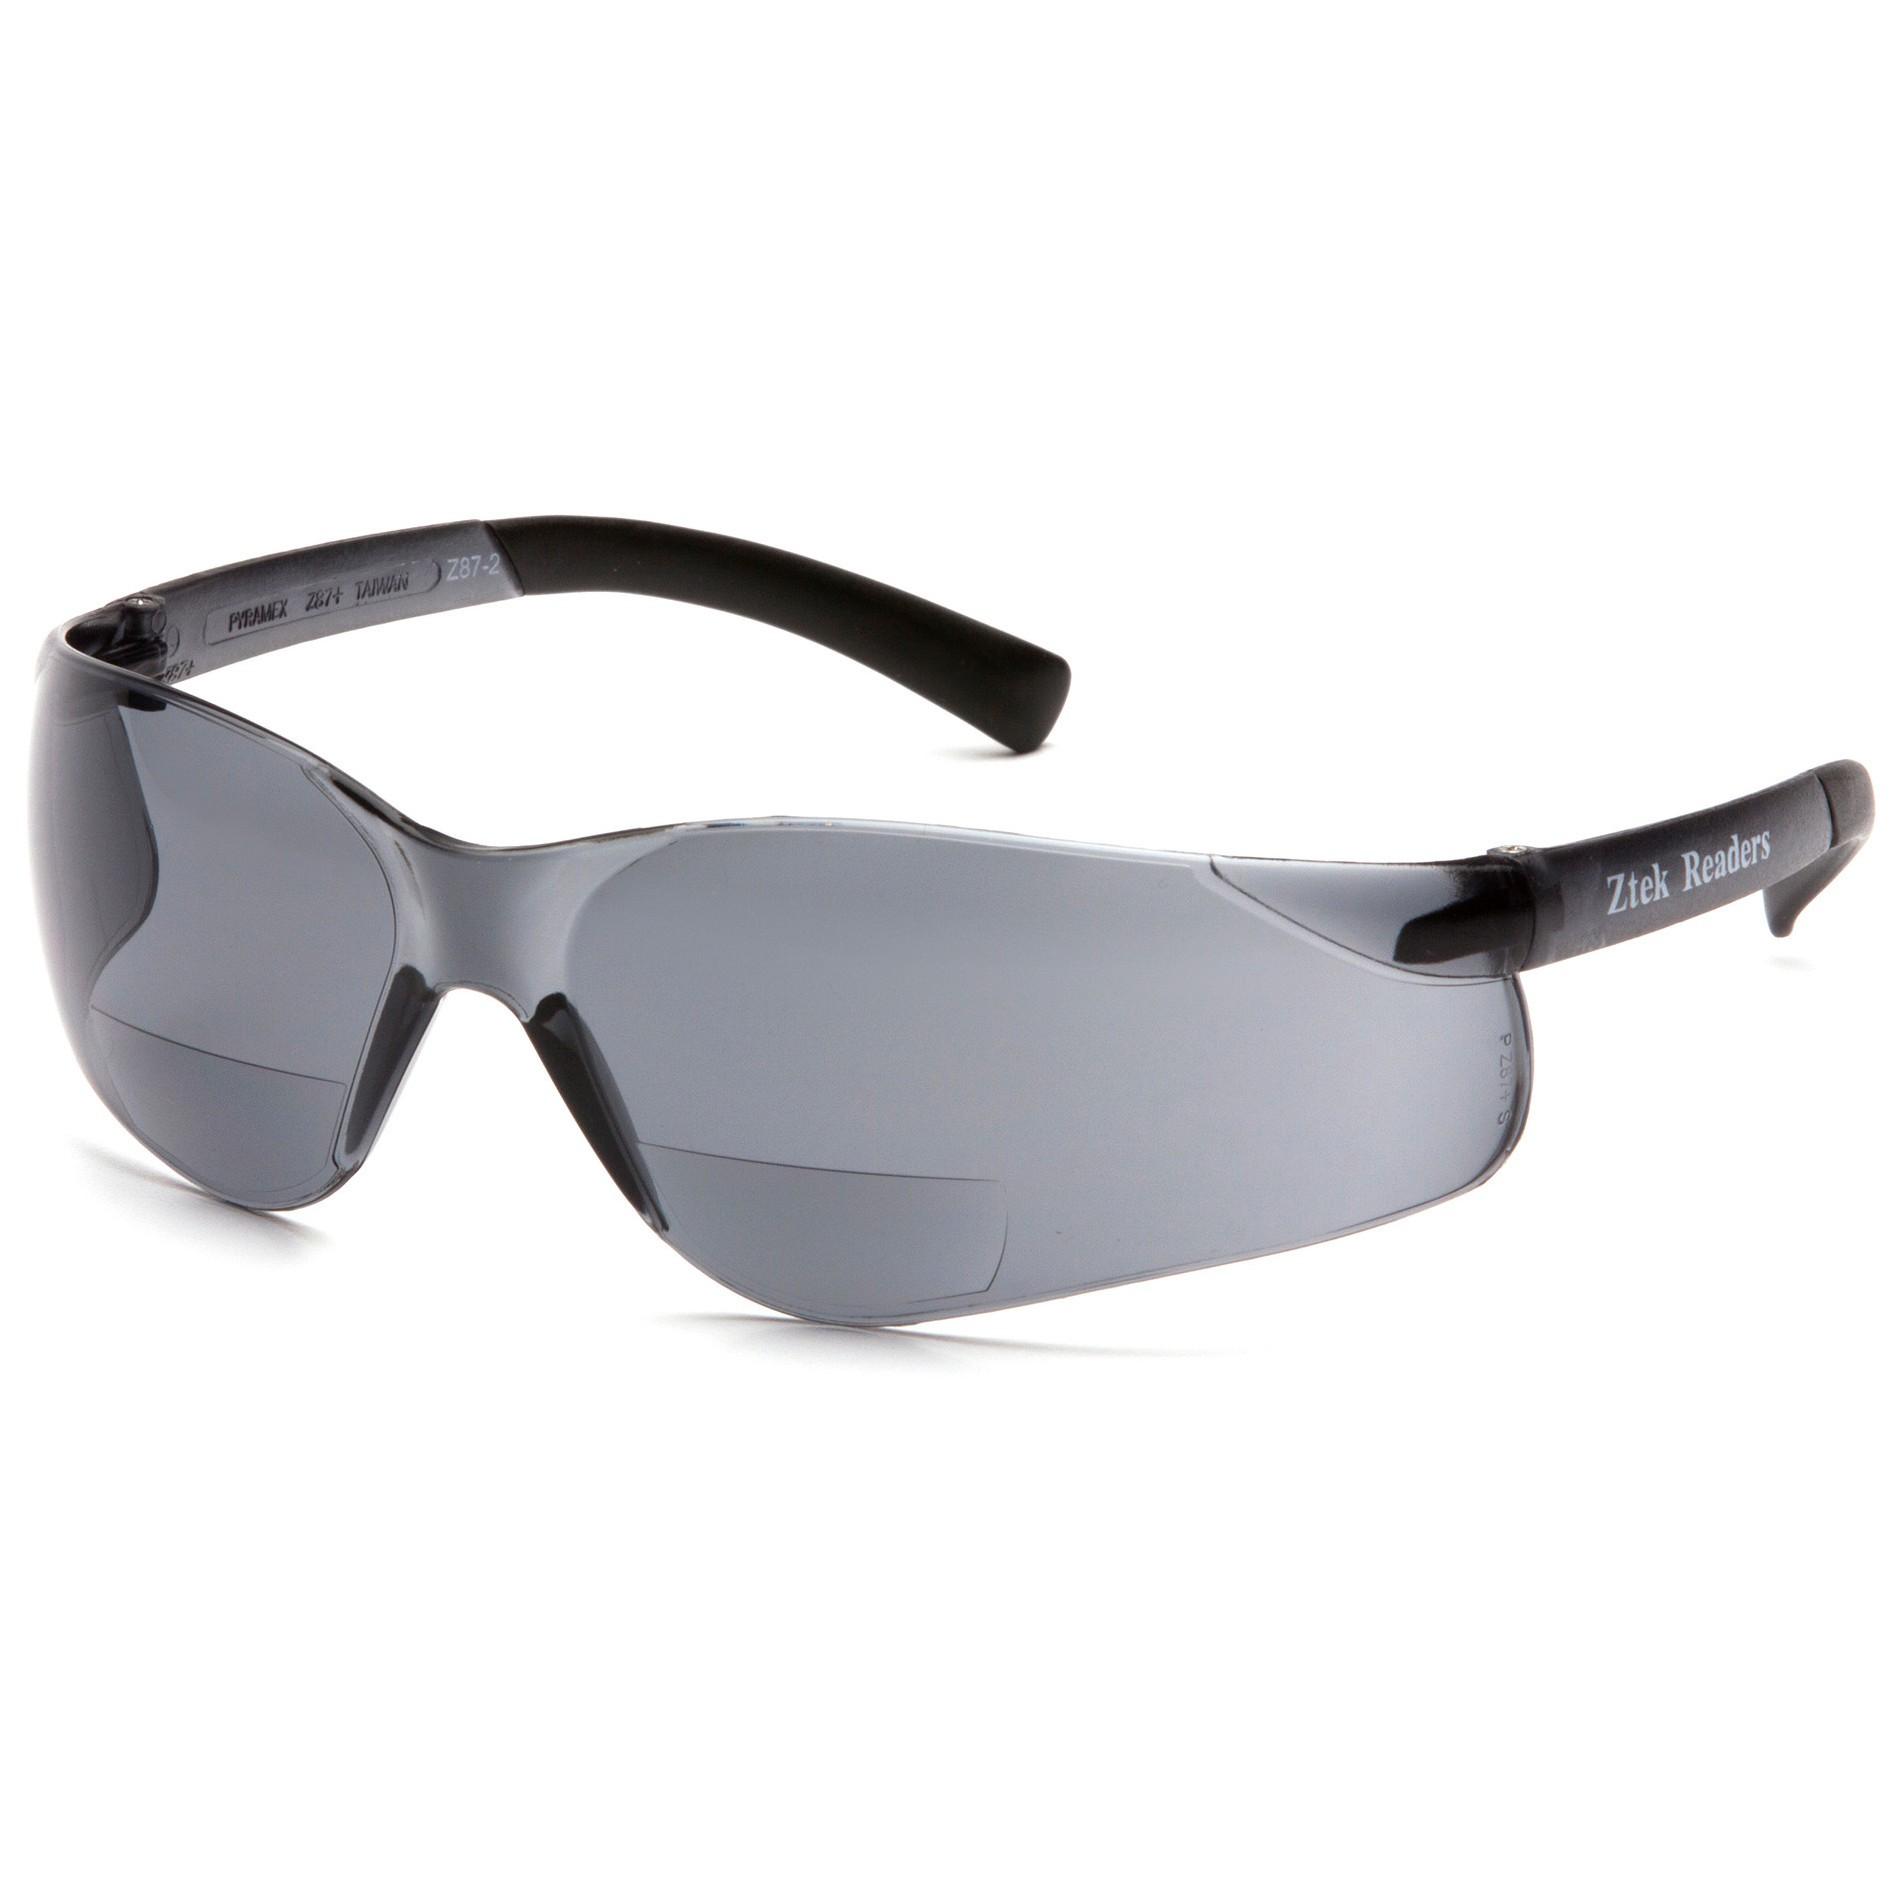 ztek readers safety glasses you for